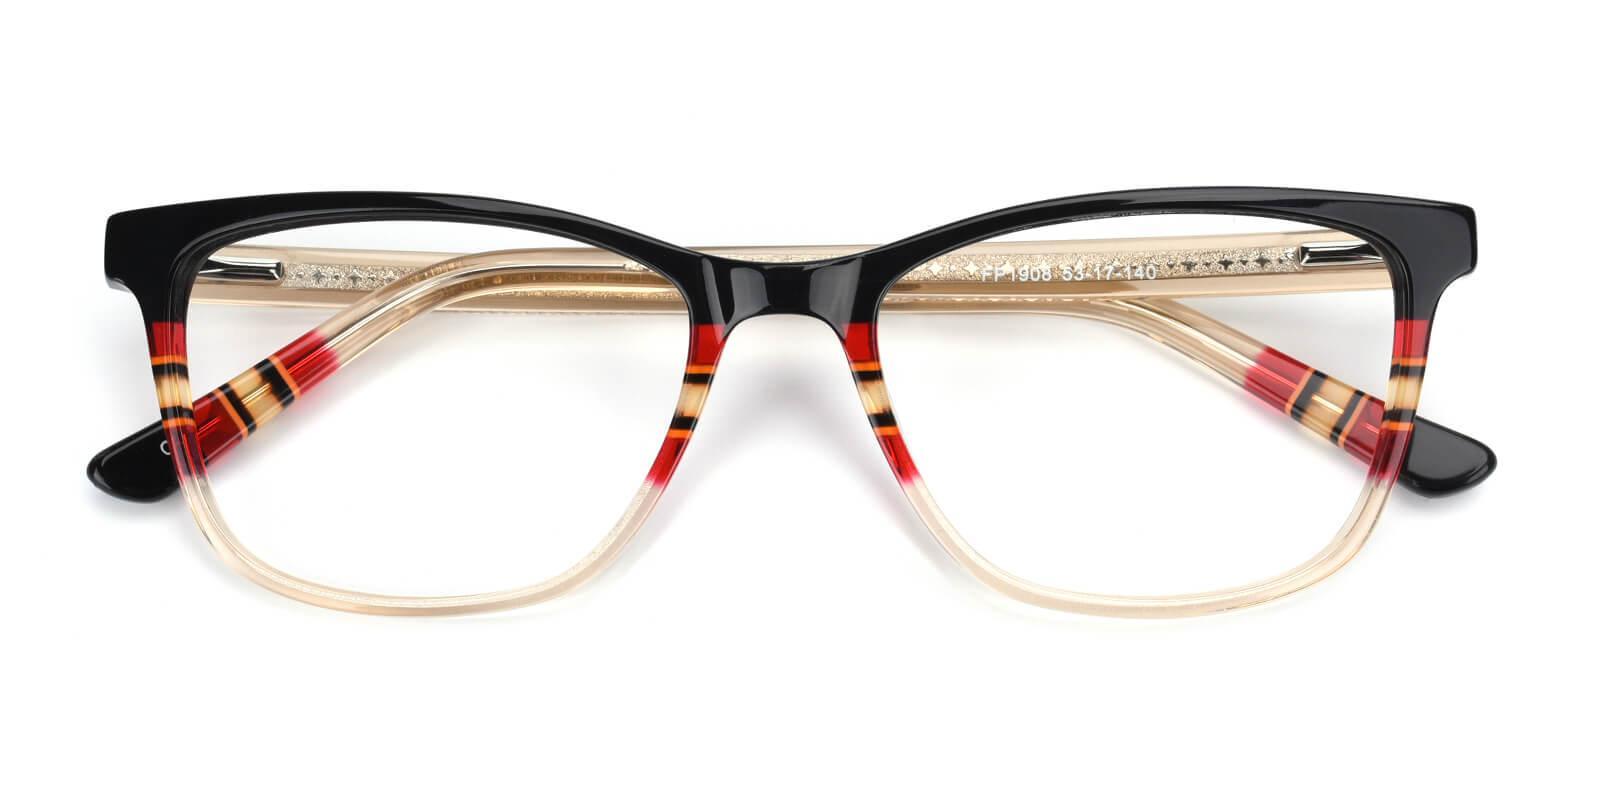 Belinda-Brown-Cat-Acetate-Eyeglasses-detail